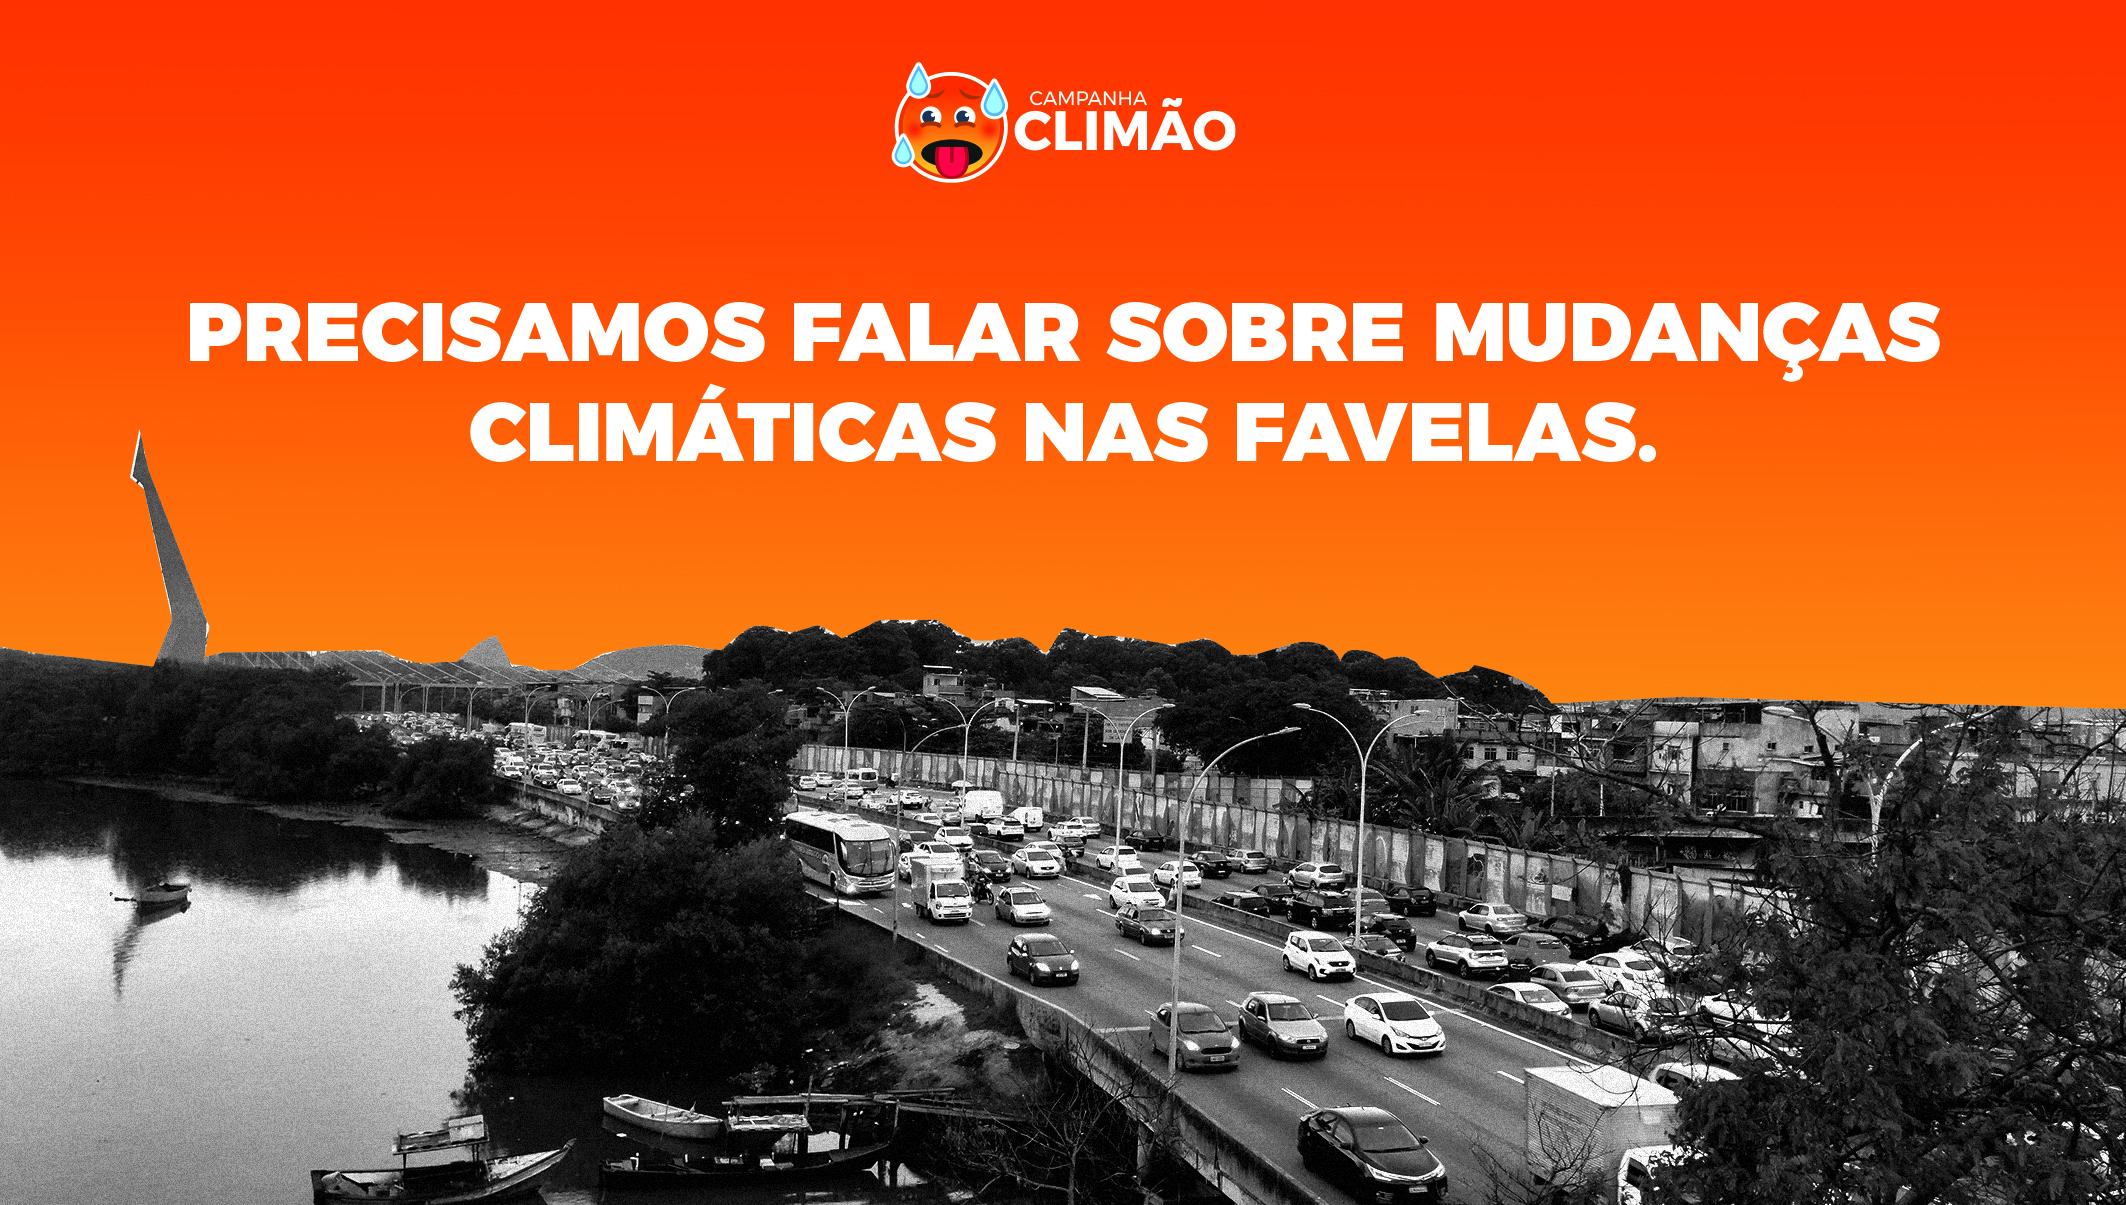 Campanha desenvolve trabalho para falar sobre mudanças climáticas na Maré